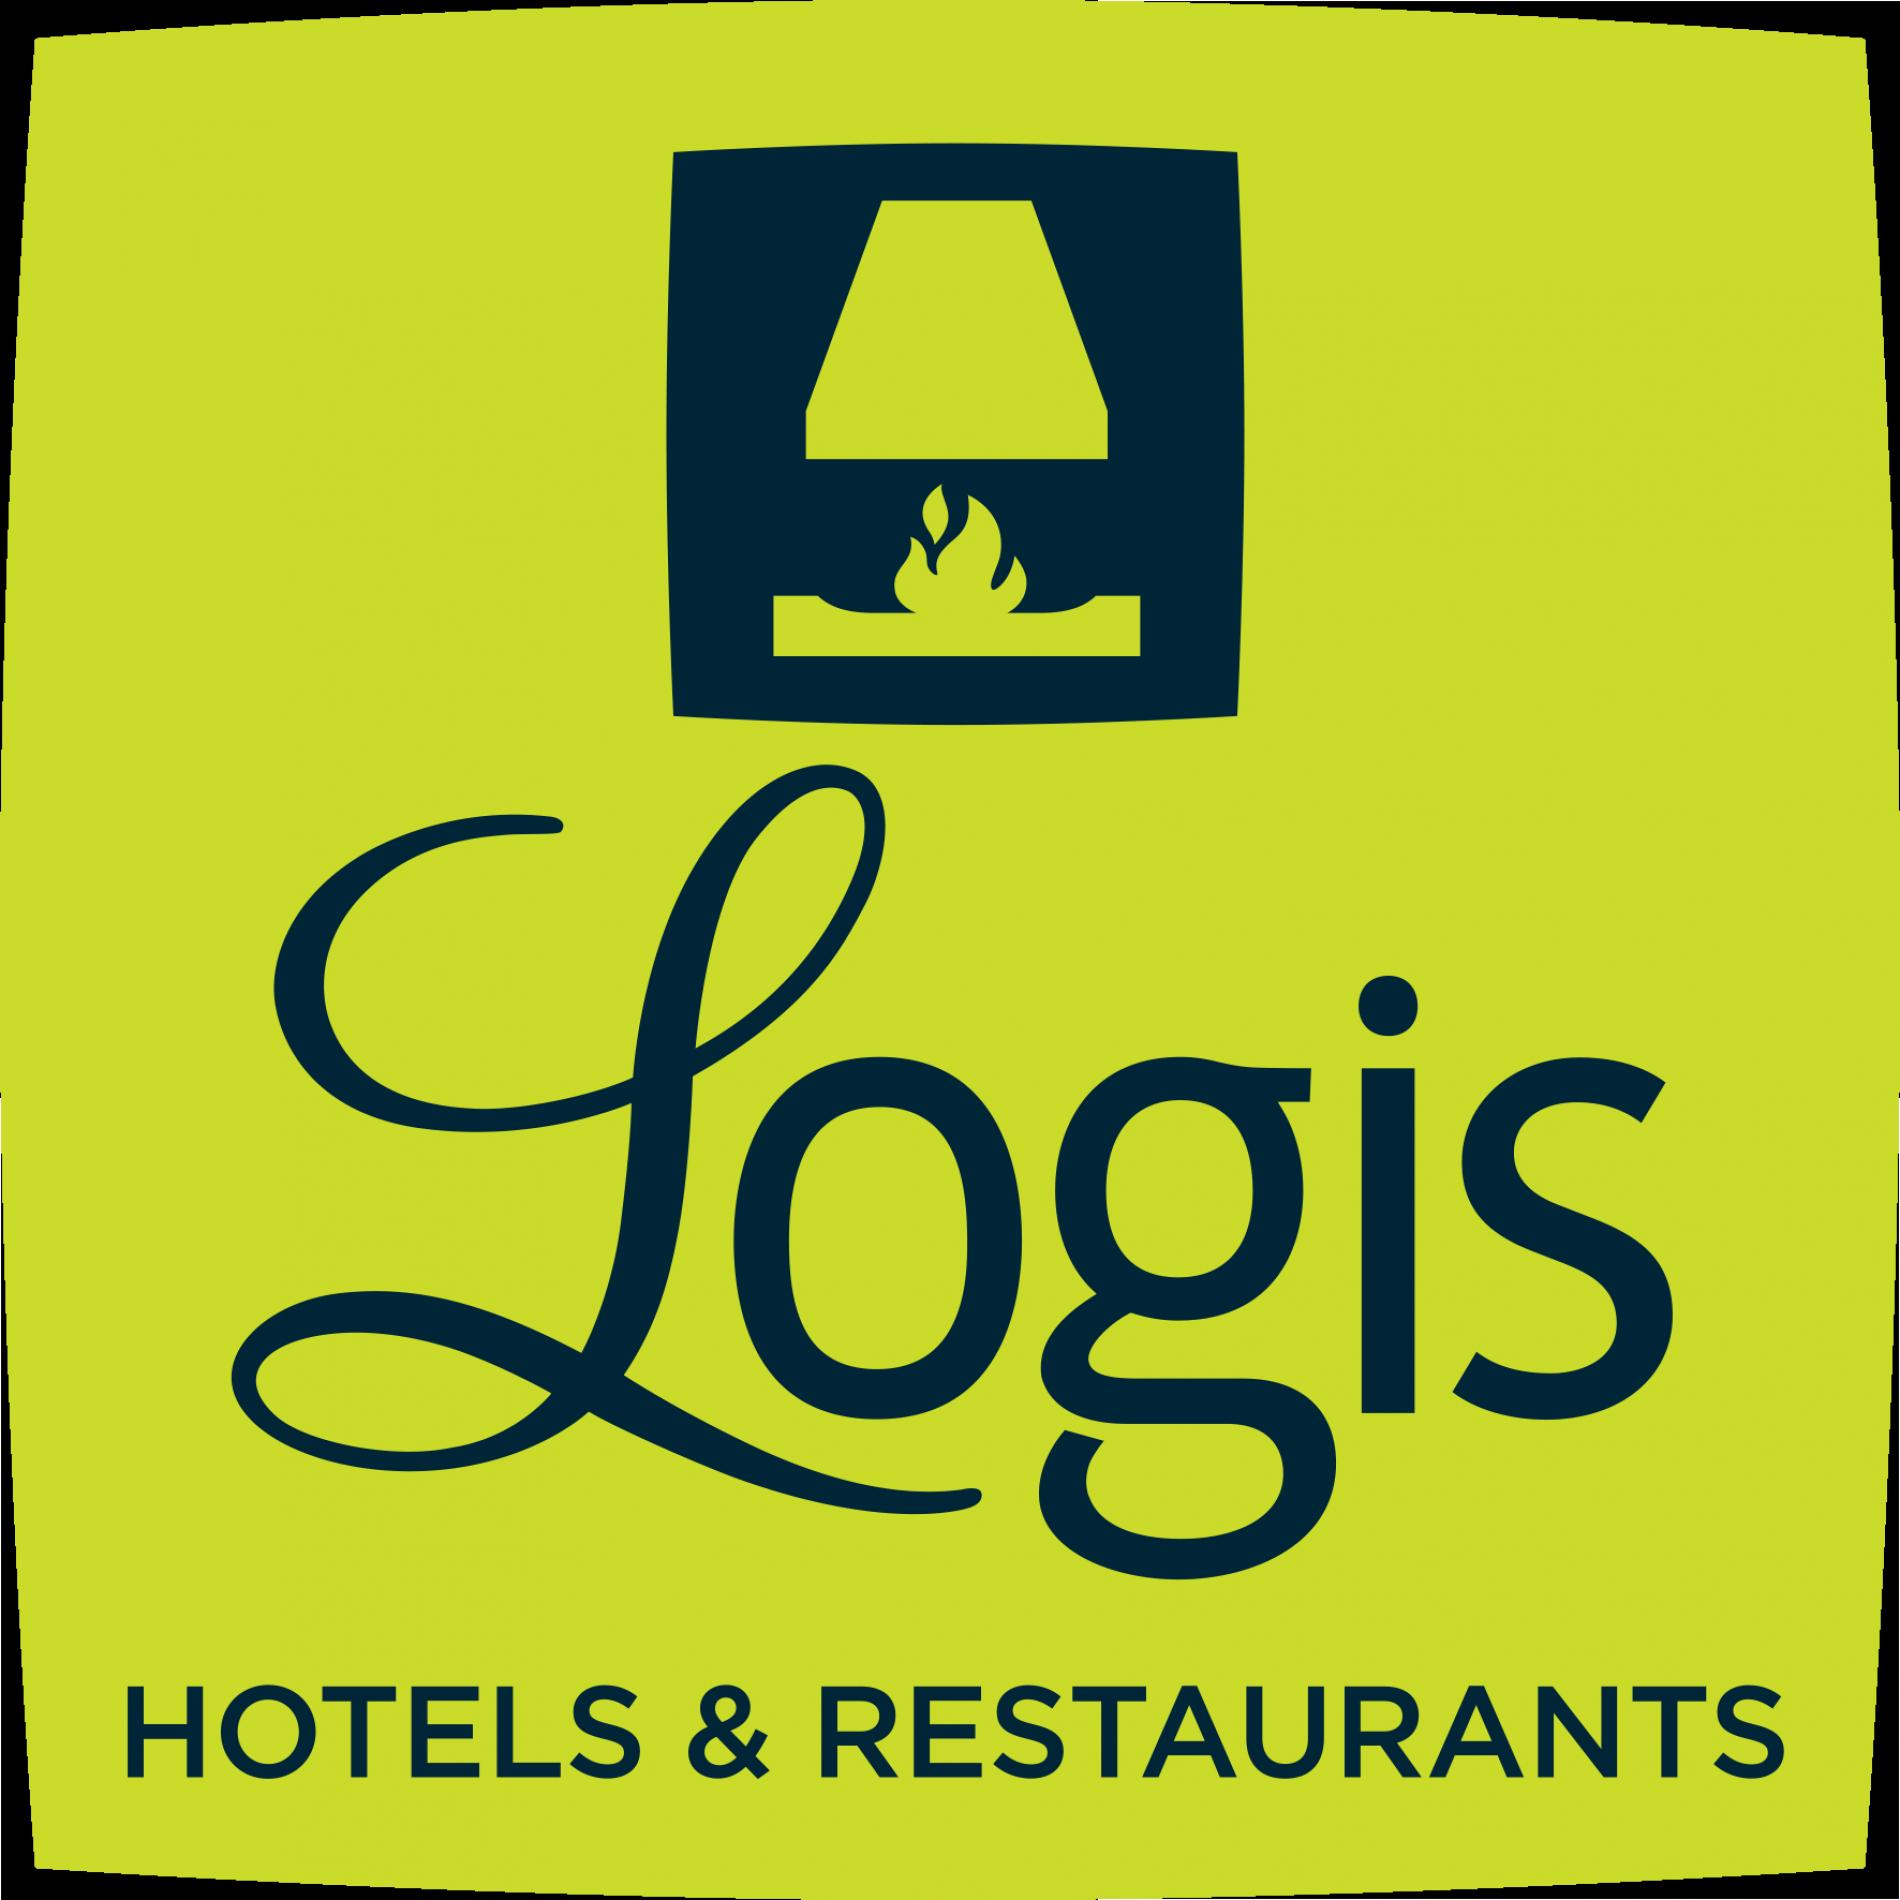 Logis Hotel Les Charmettes Argeles sur mer